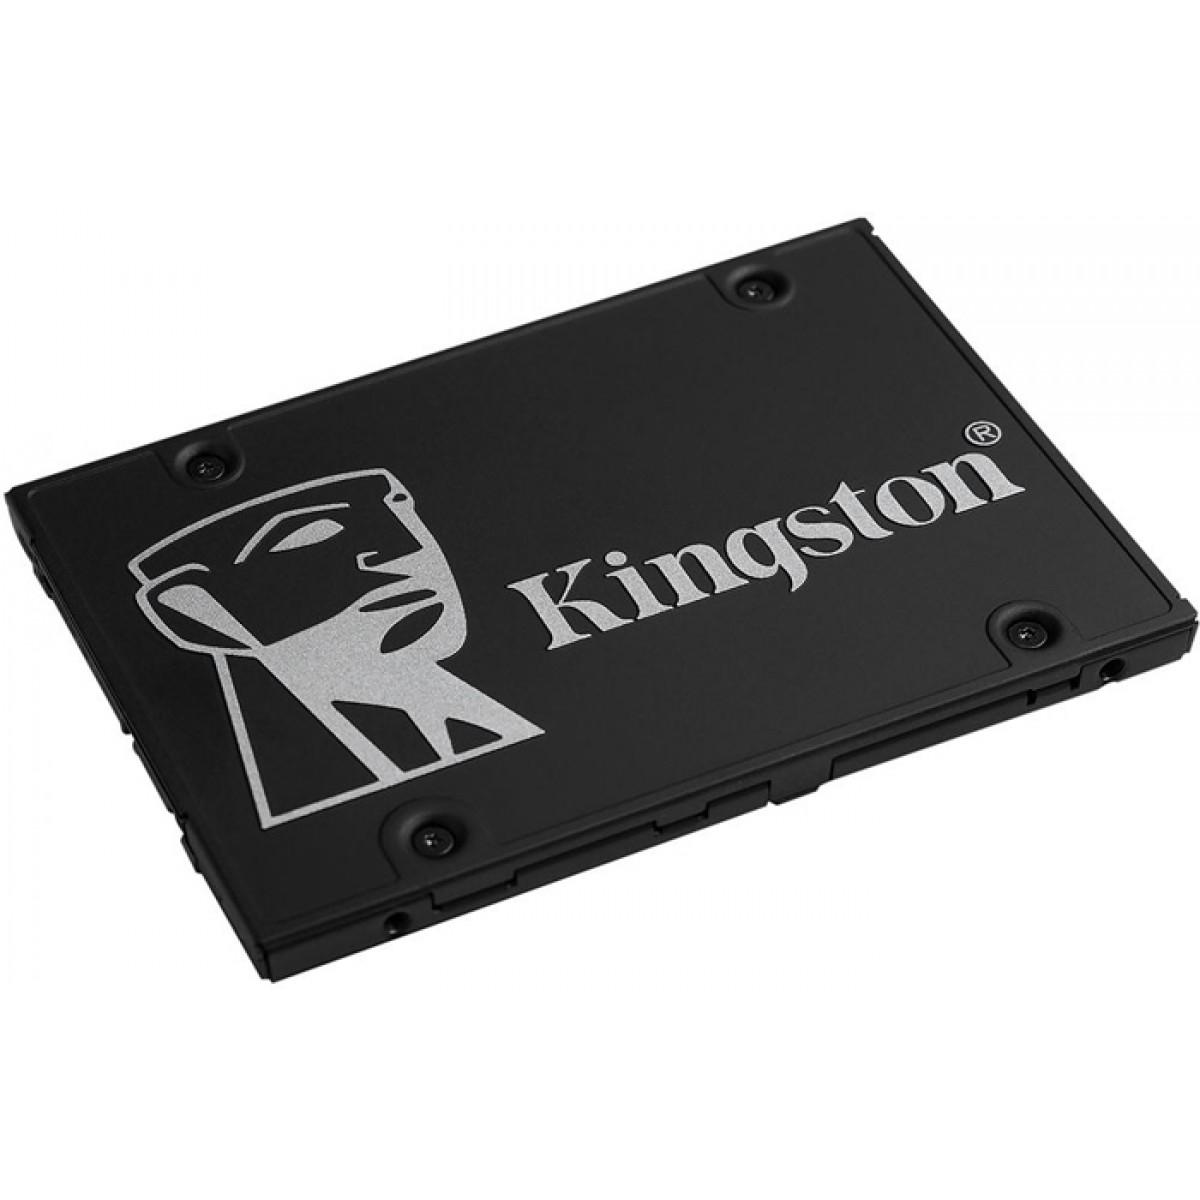 SSD Kingston KC600, 256GB, Sata, Leitura 550MB/s e Gravação 500MB/s, SKC600/256G